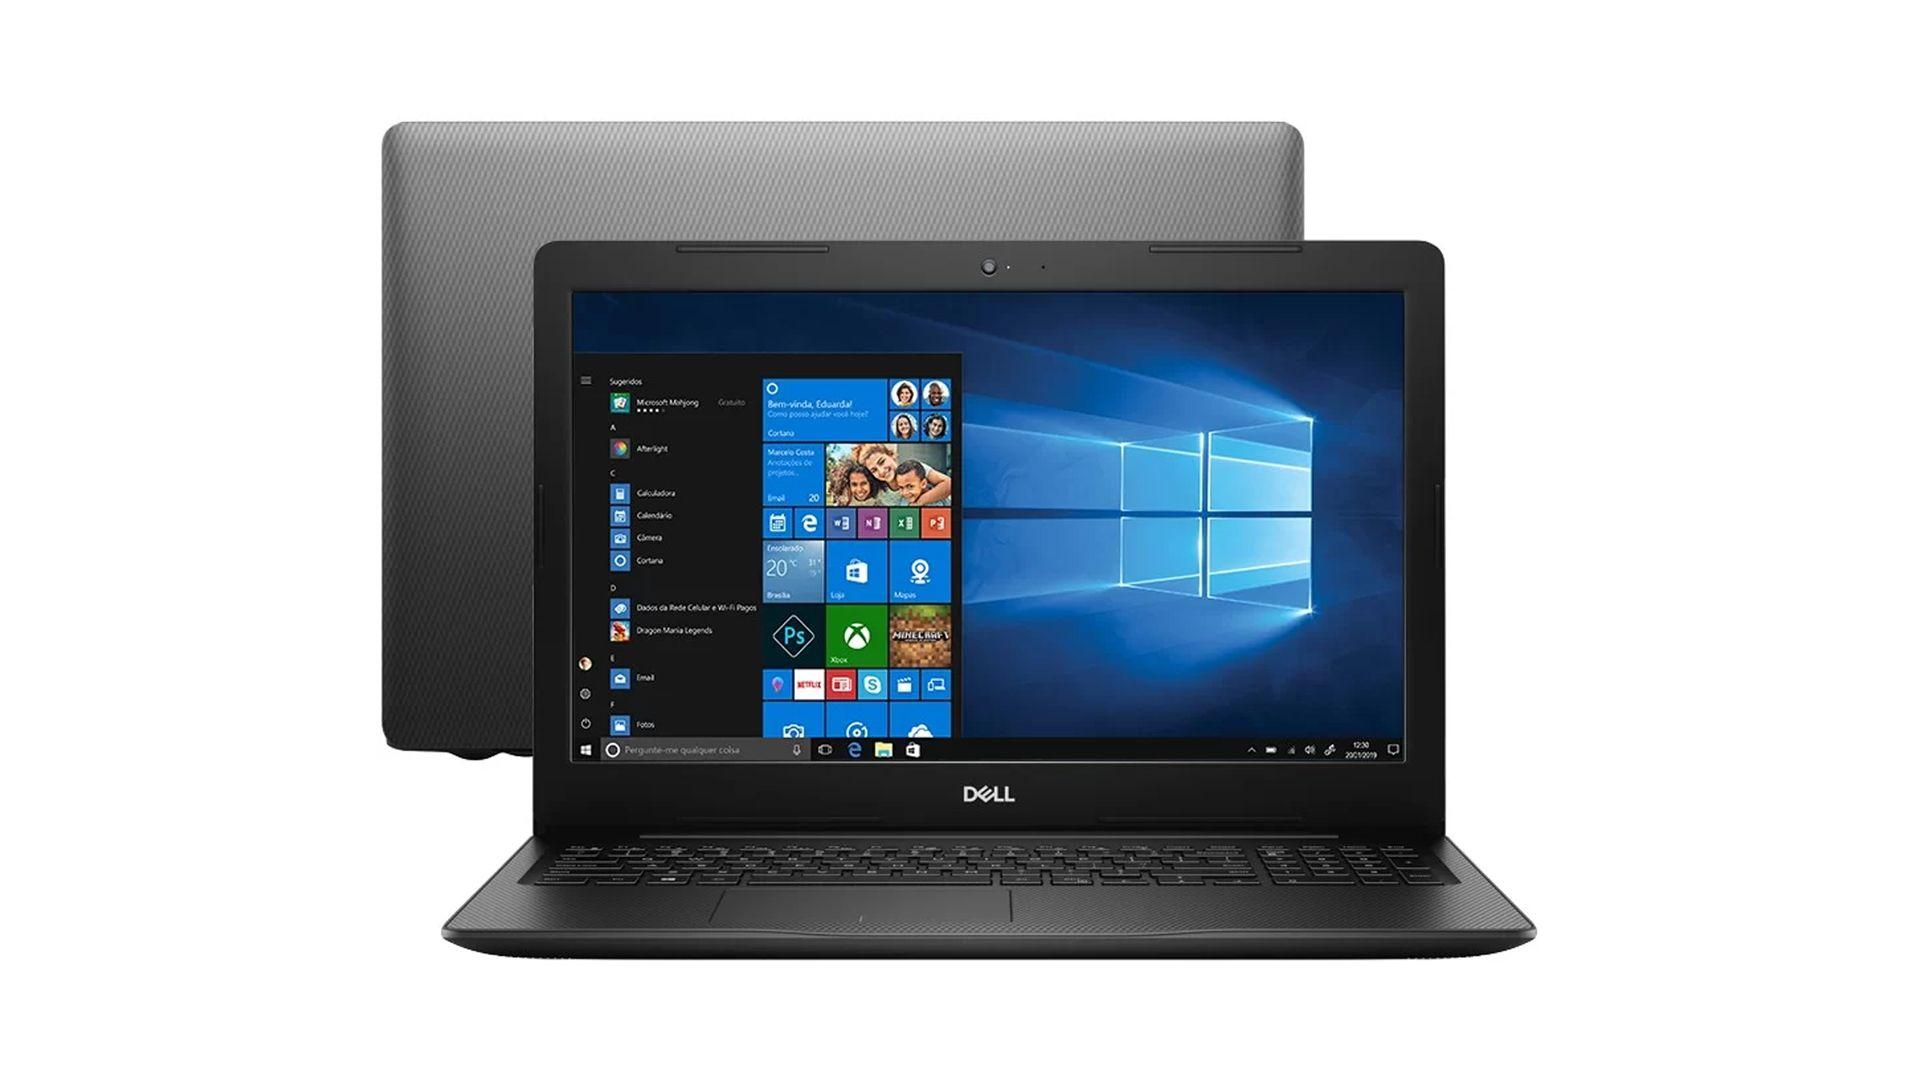 Dell Inspiron 3583 é um notebook indicado para tarefas básicas do dia a dia. (Foto: Divulgação/Dell)